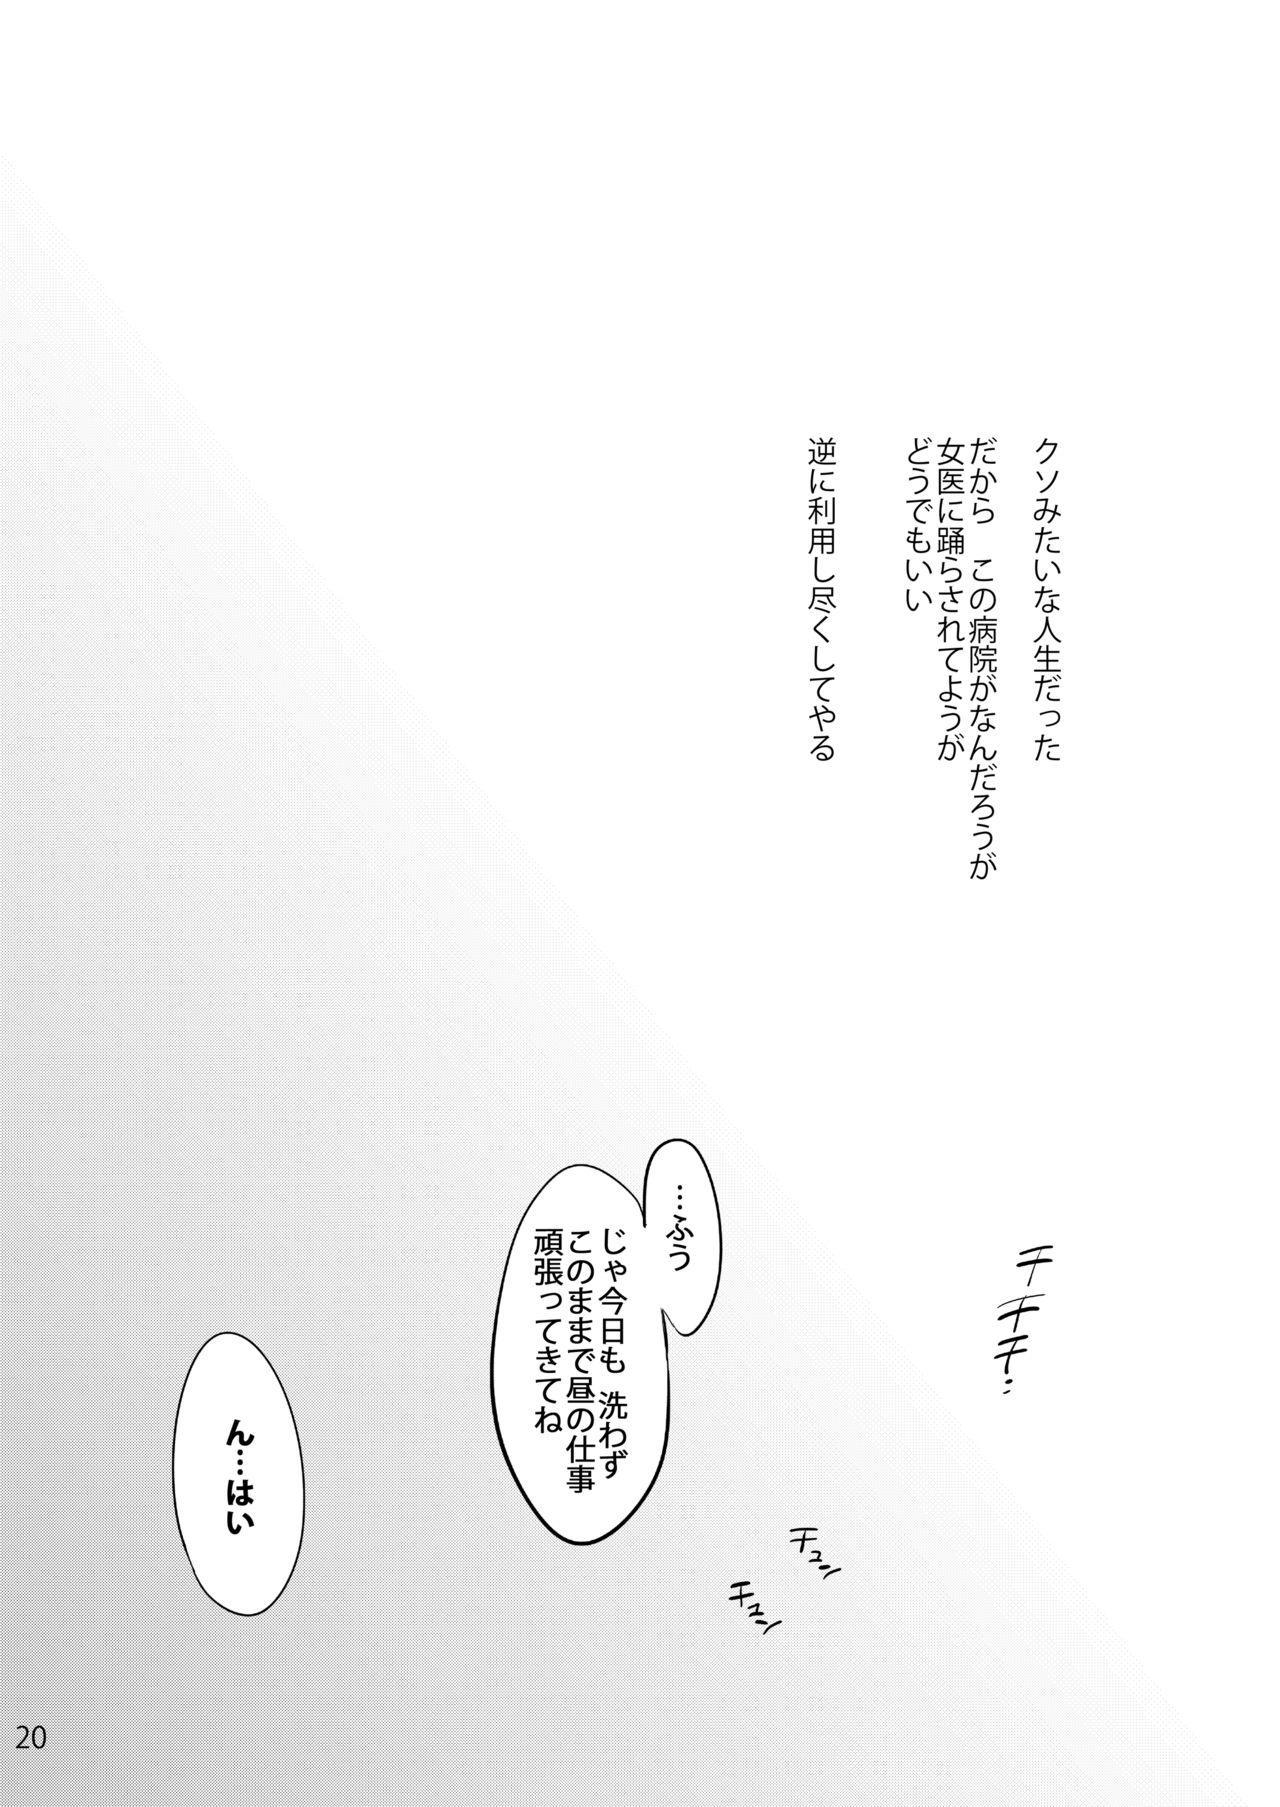 Oyasaka Byouin 2 Iyasi No Morie-san 20